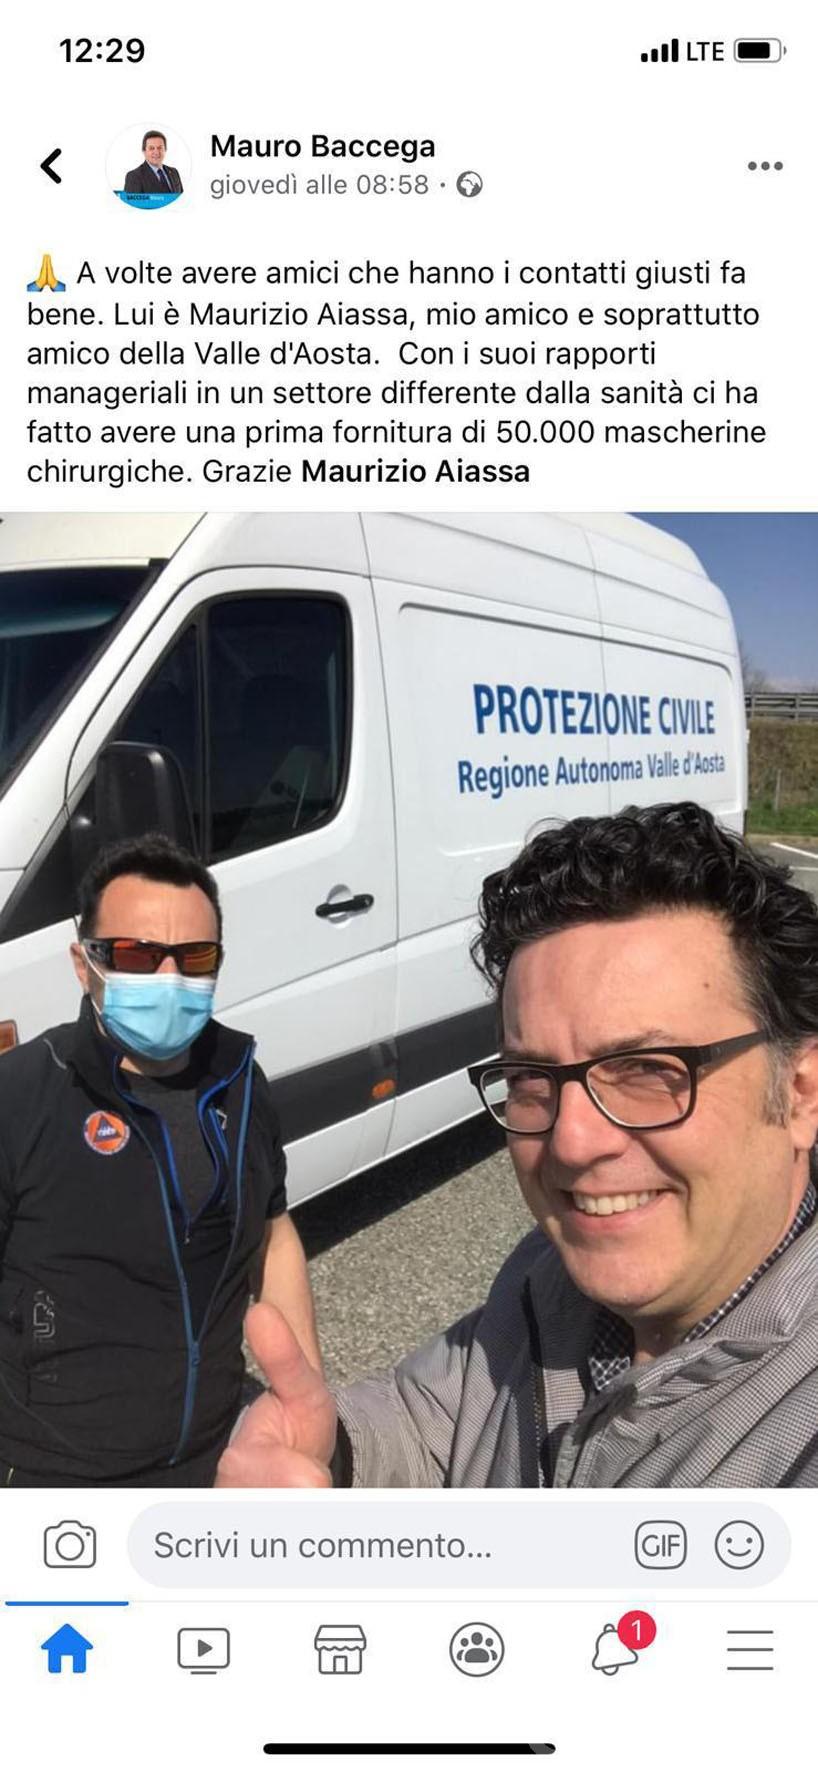 Coronavirus: 50 mila mascherine arrivate? Pio Porretta: «non ne so nulla»;  Baccega: «tutto regolare»